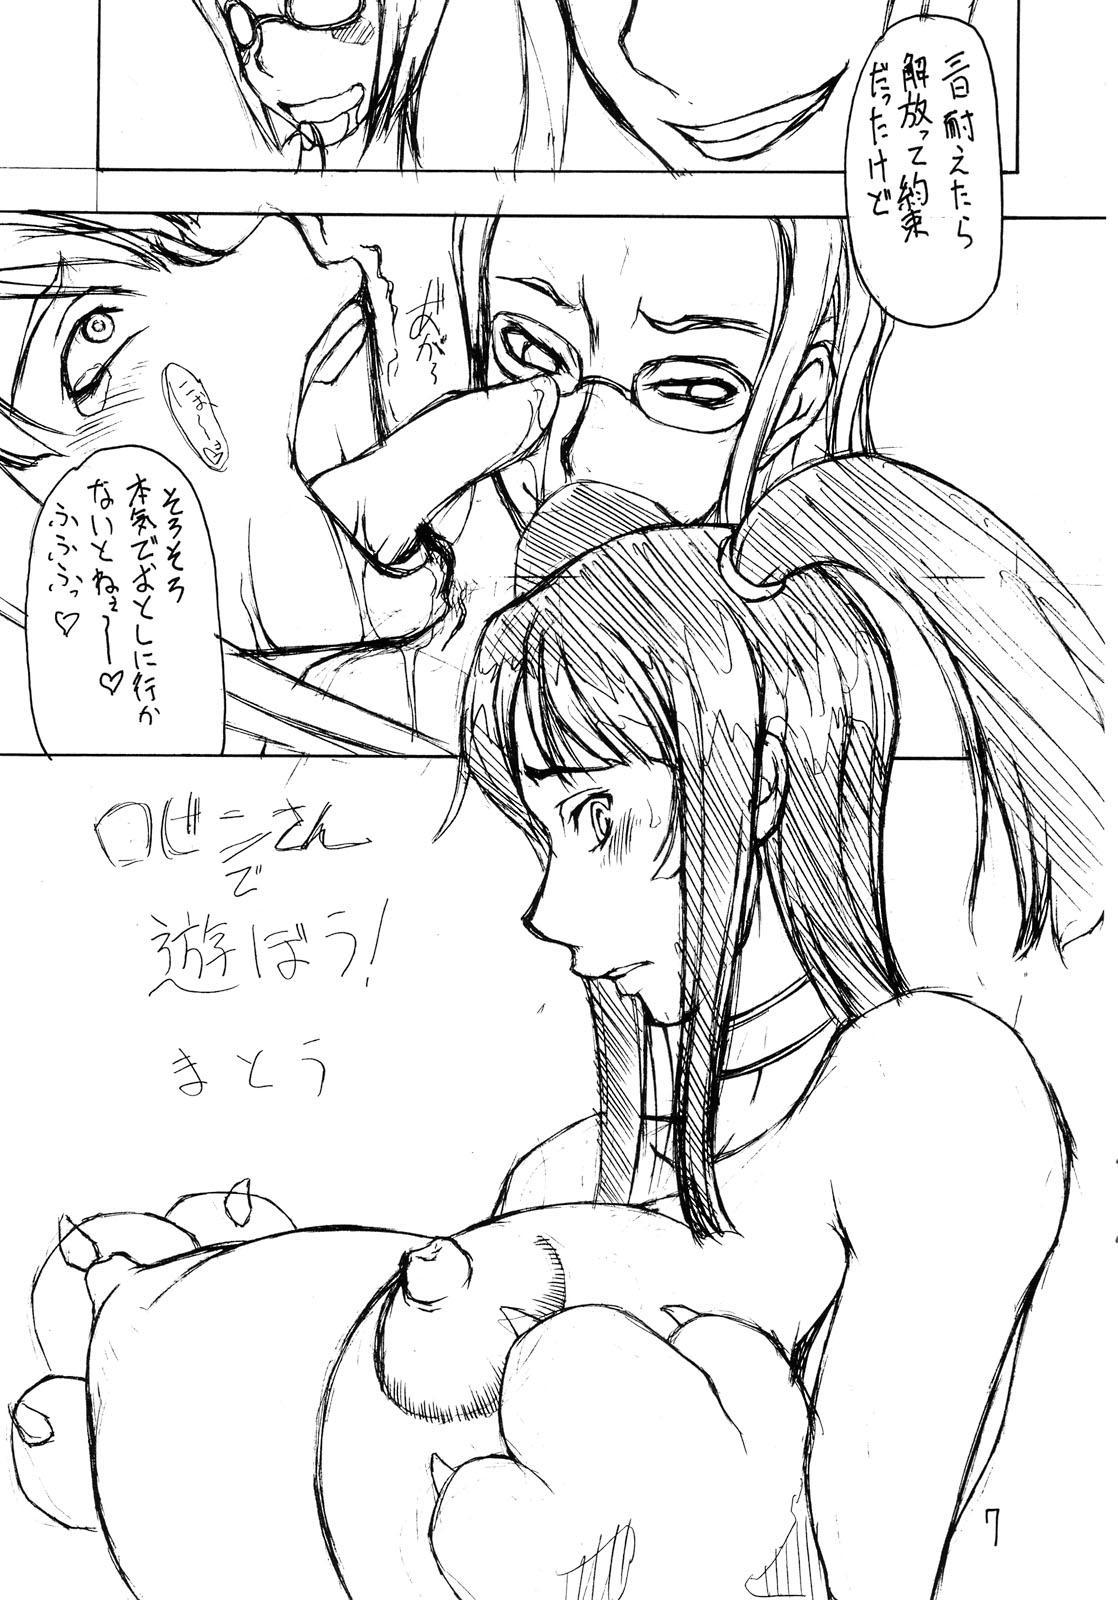 Futaichi 6